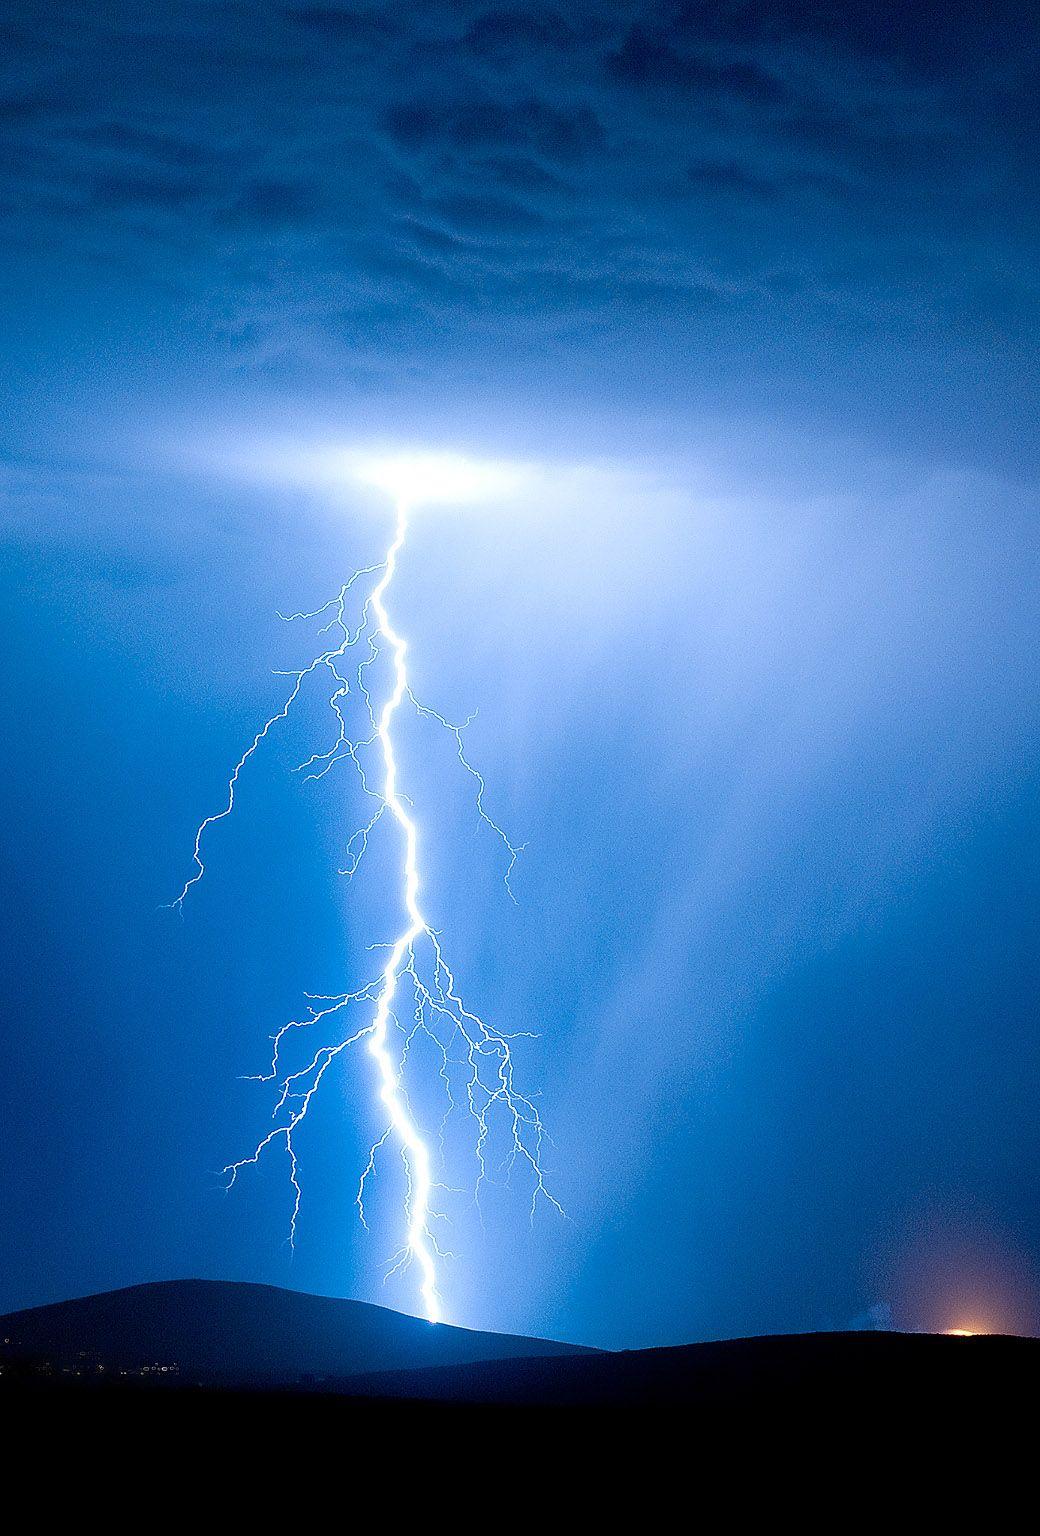 Pin By B Mar On Favorites Thunderbolt Lightning Lightning Ios